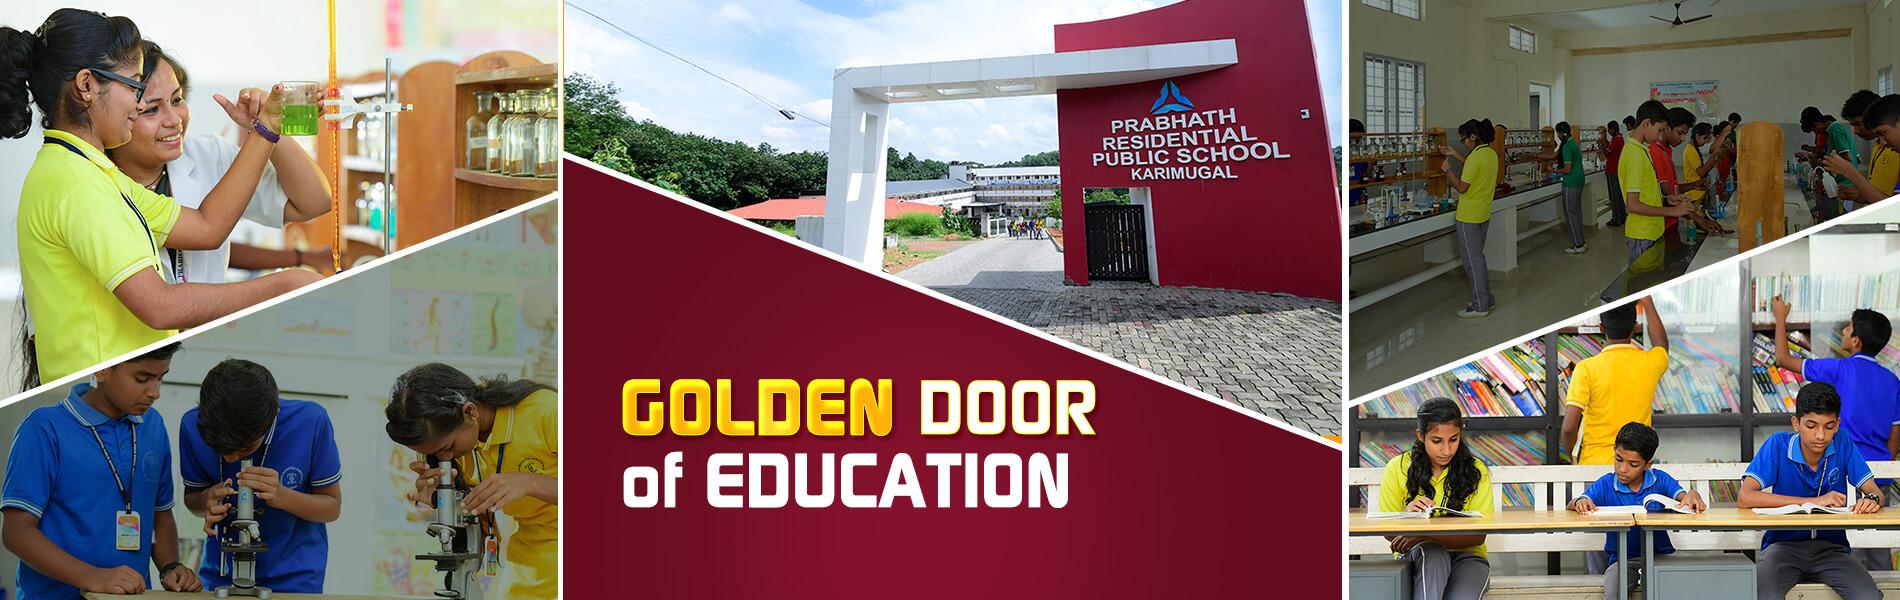 Prabhath Residential Public School